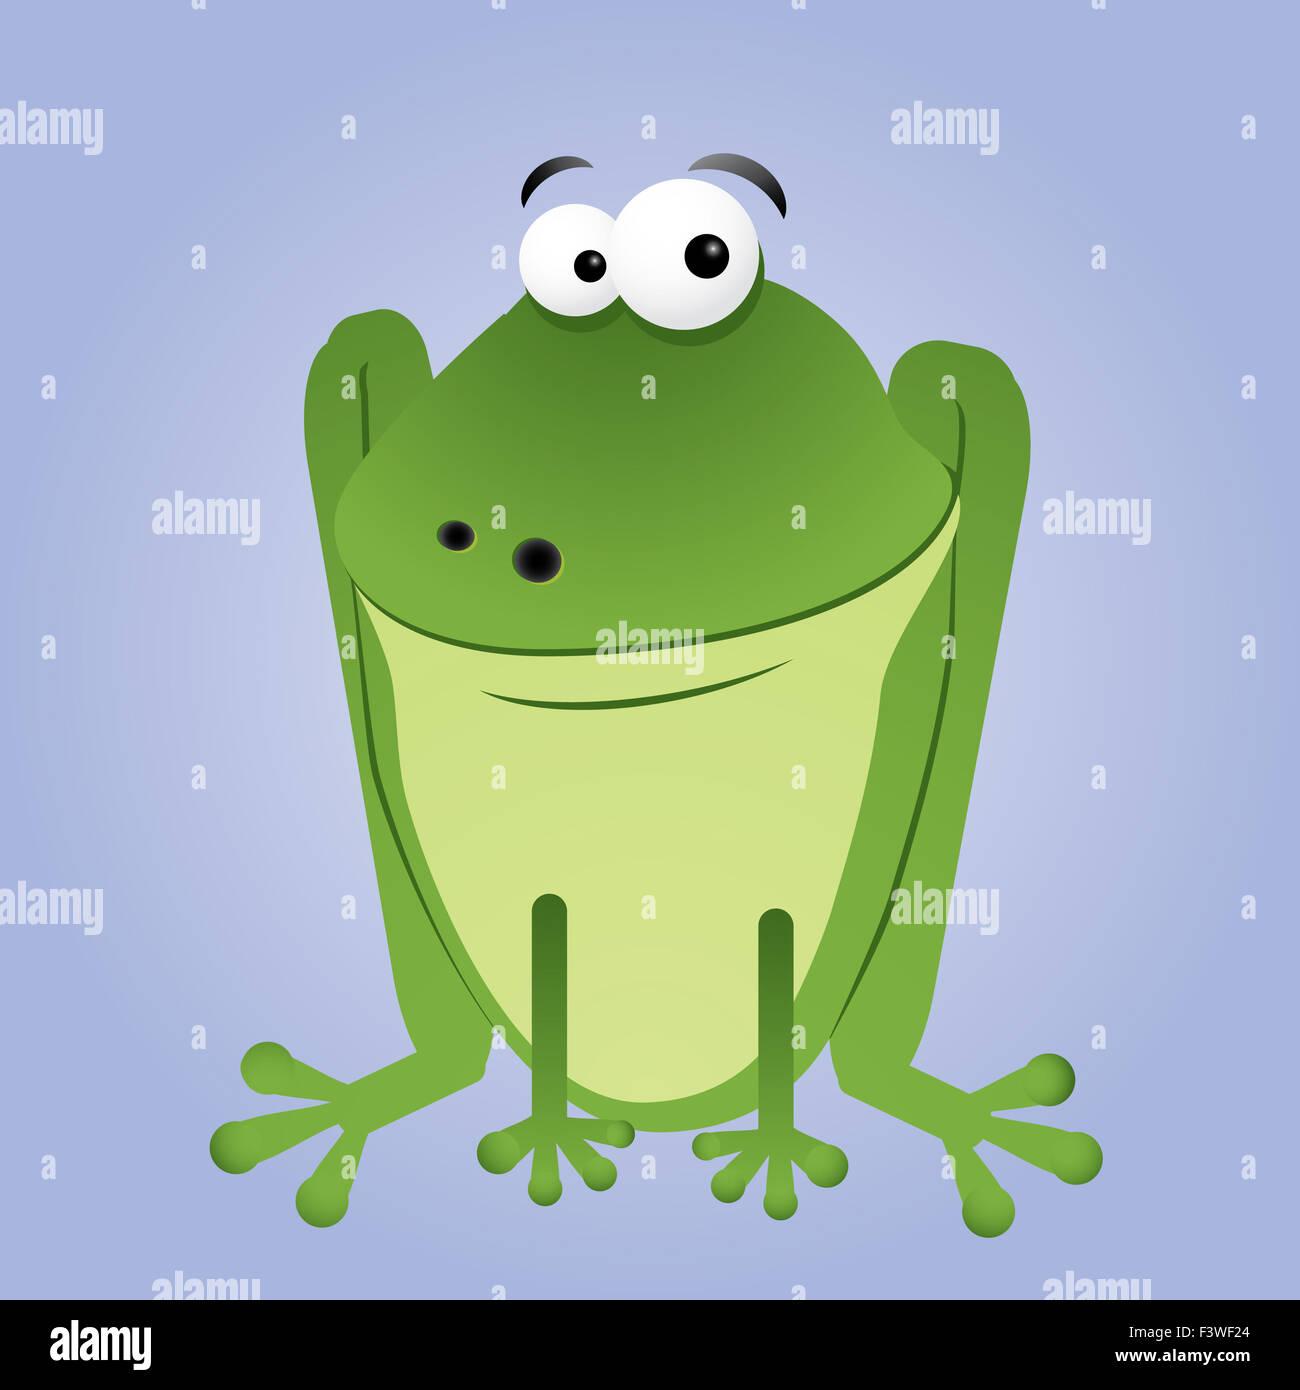 Großartig Cartoon Frosch Malvorlagen Galerie - Malvorlagen Von ...